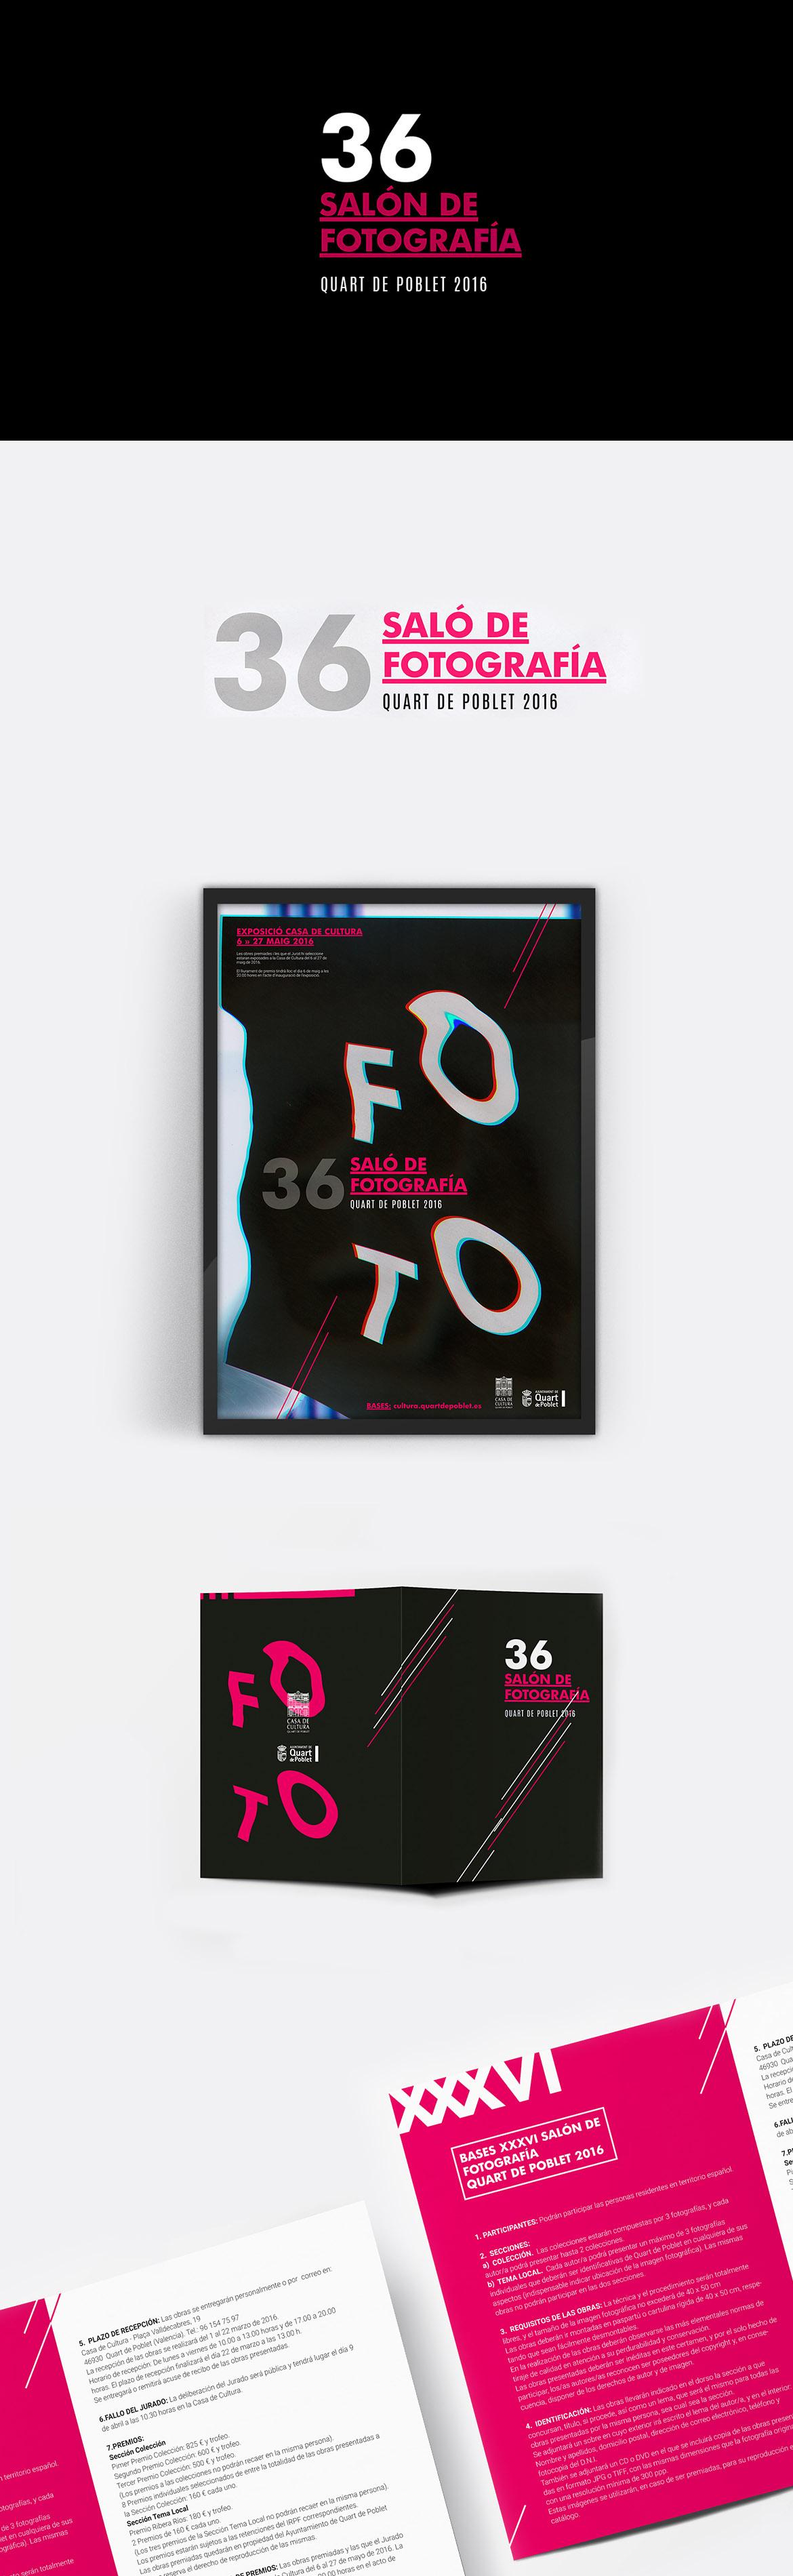 Cartel y folleto para Concurso de fotografía